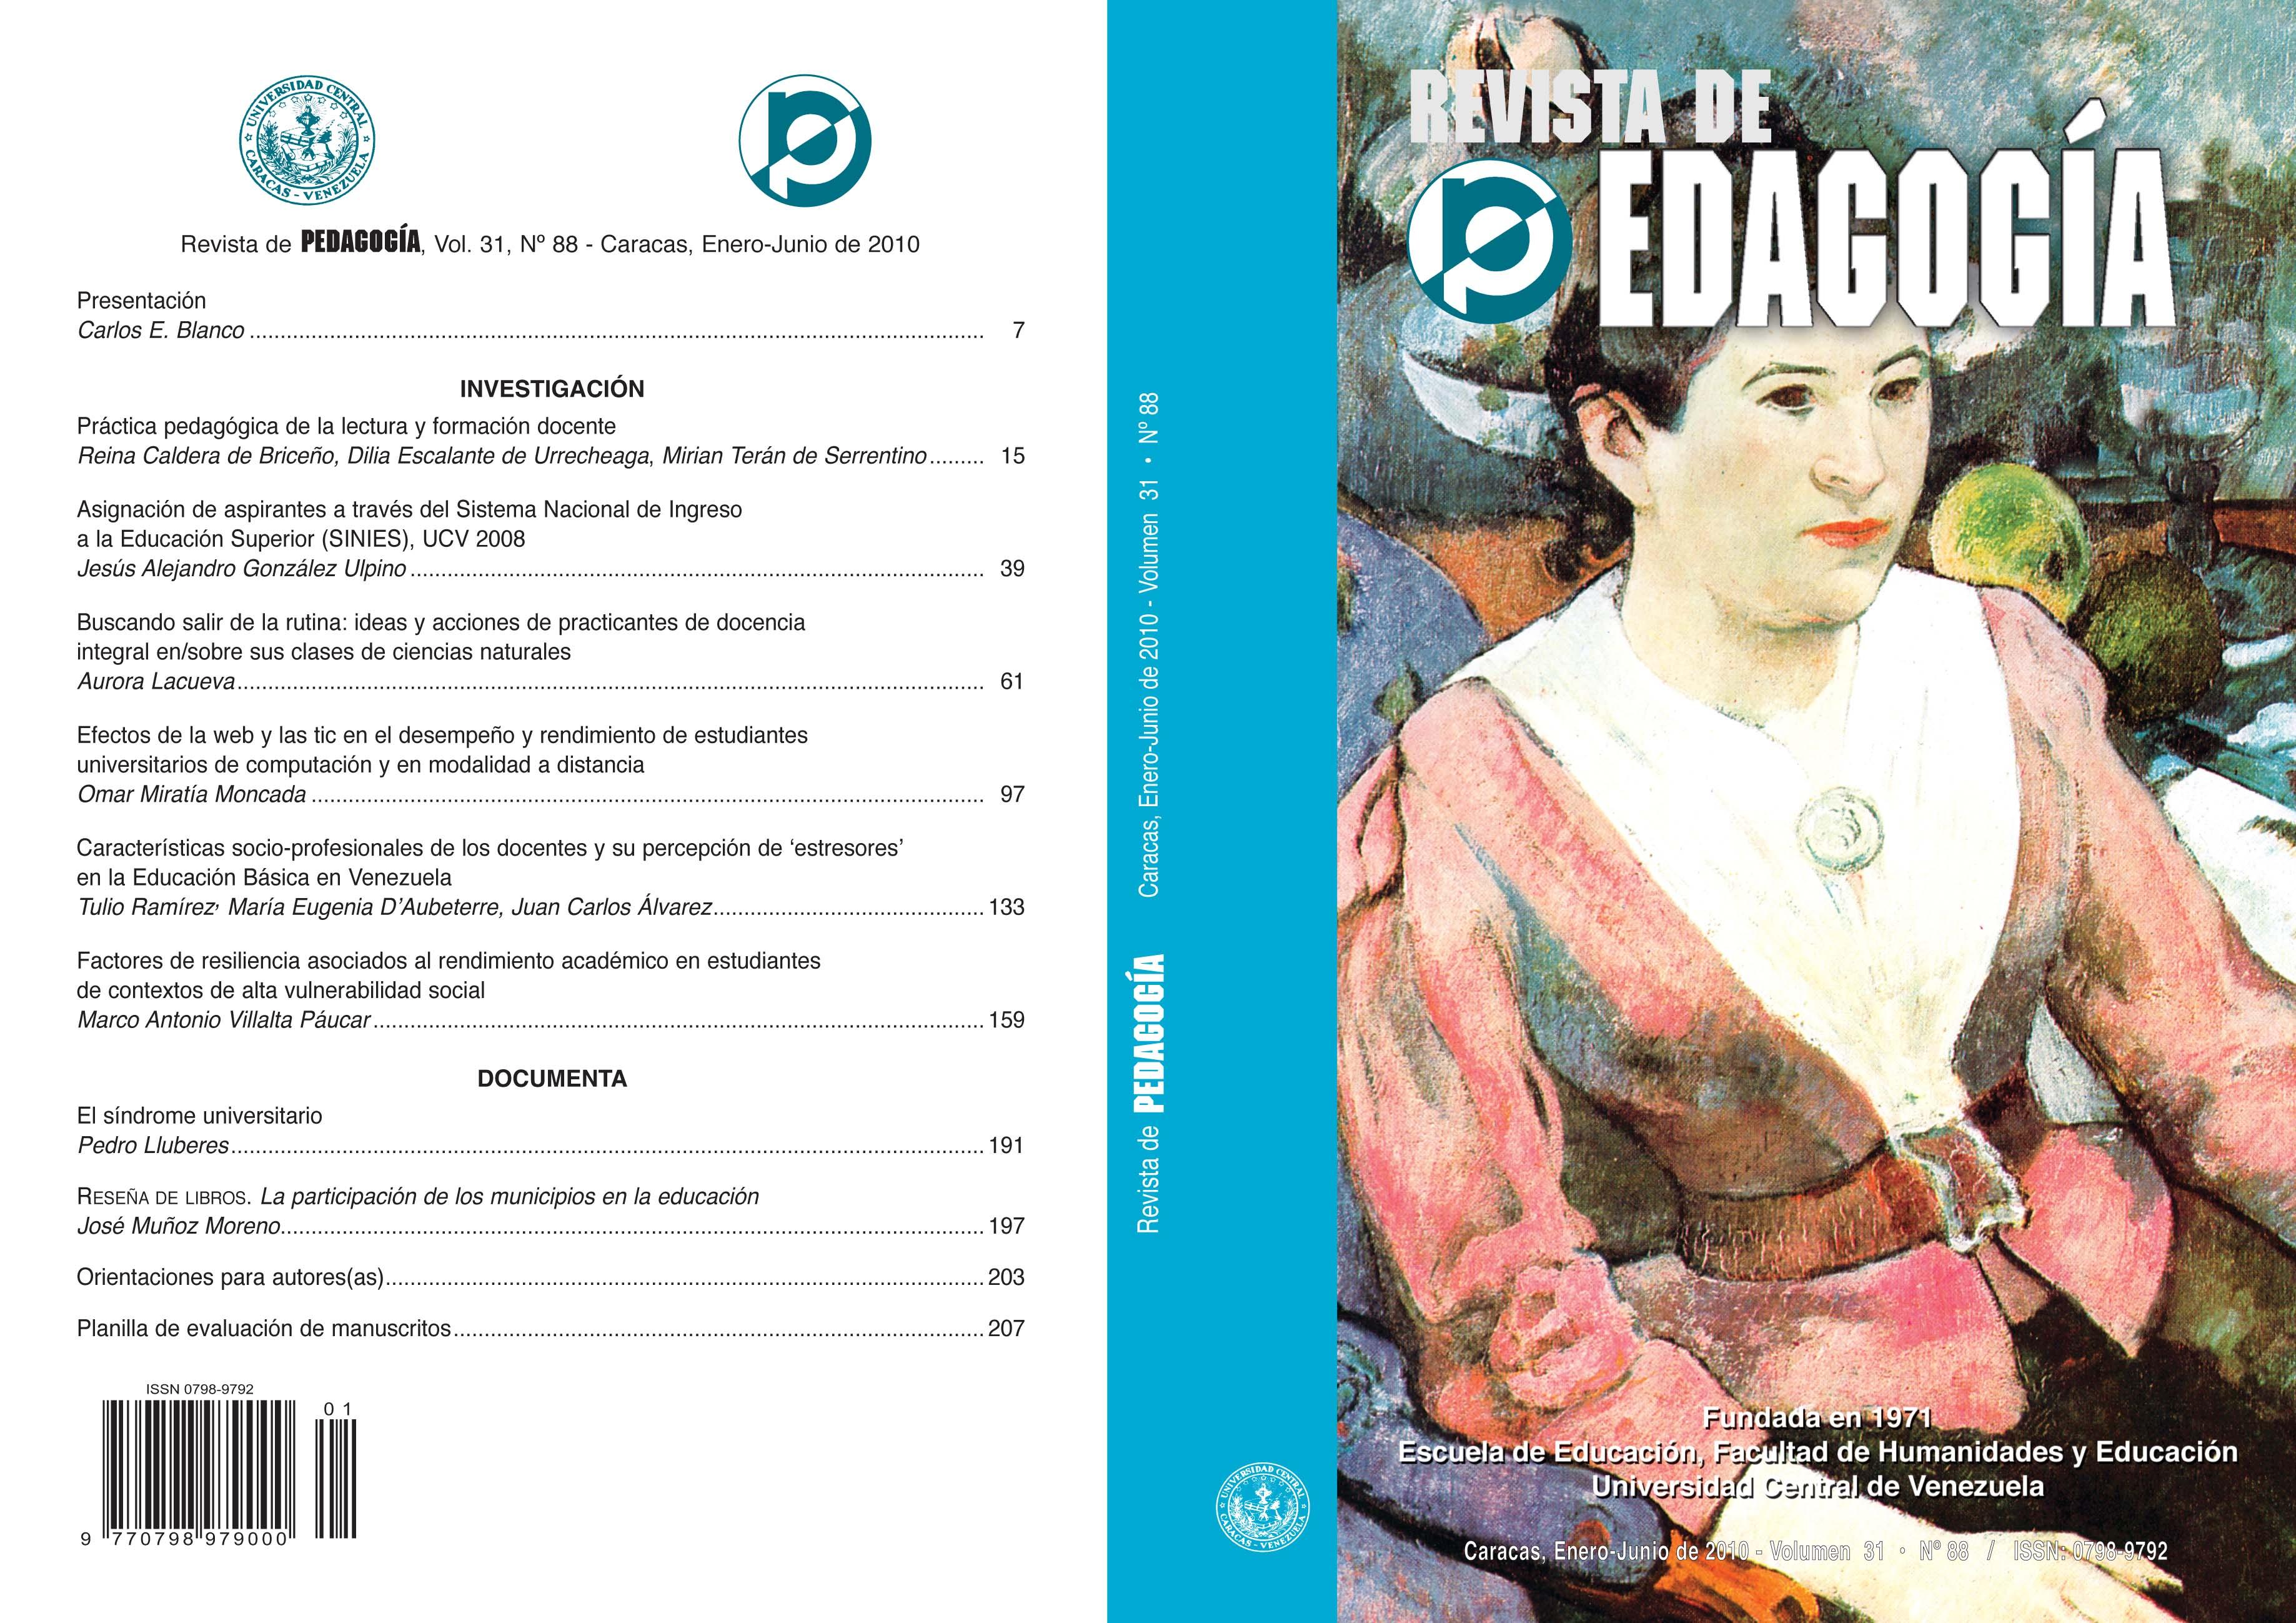 Revista de Pedagogía